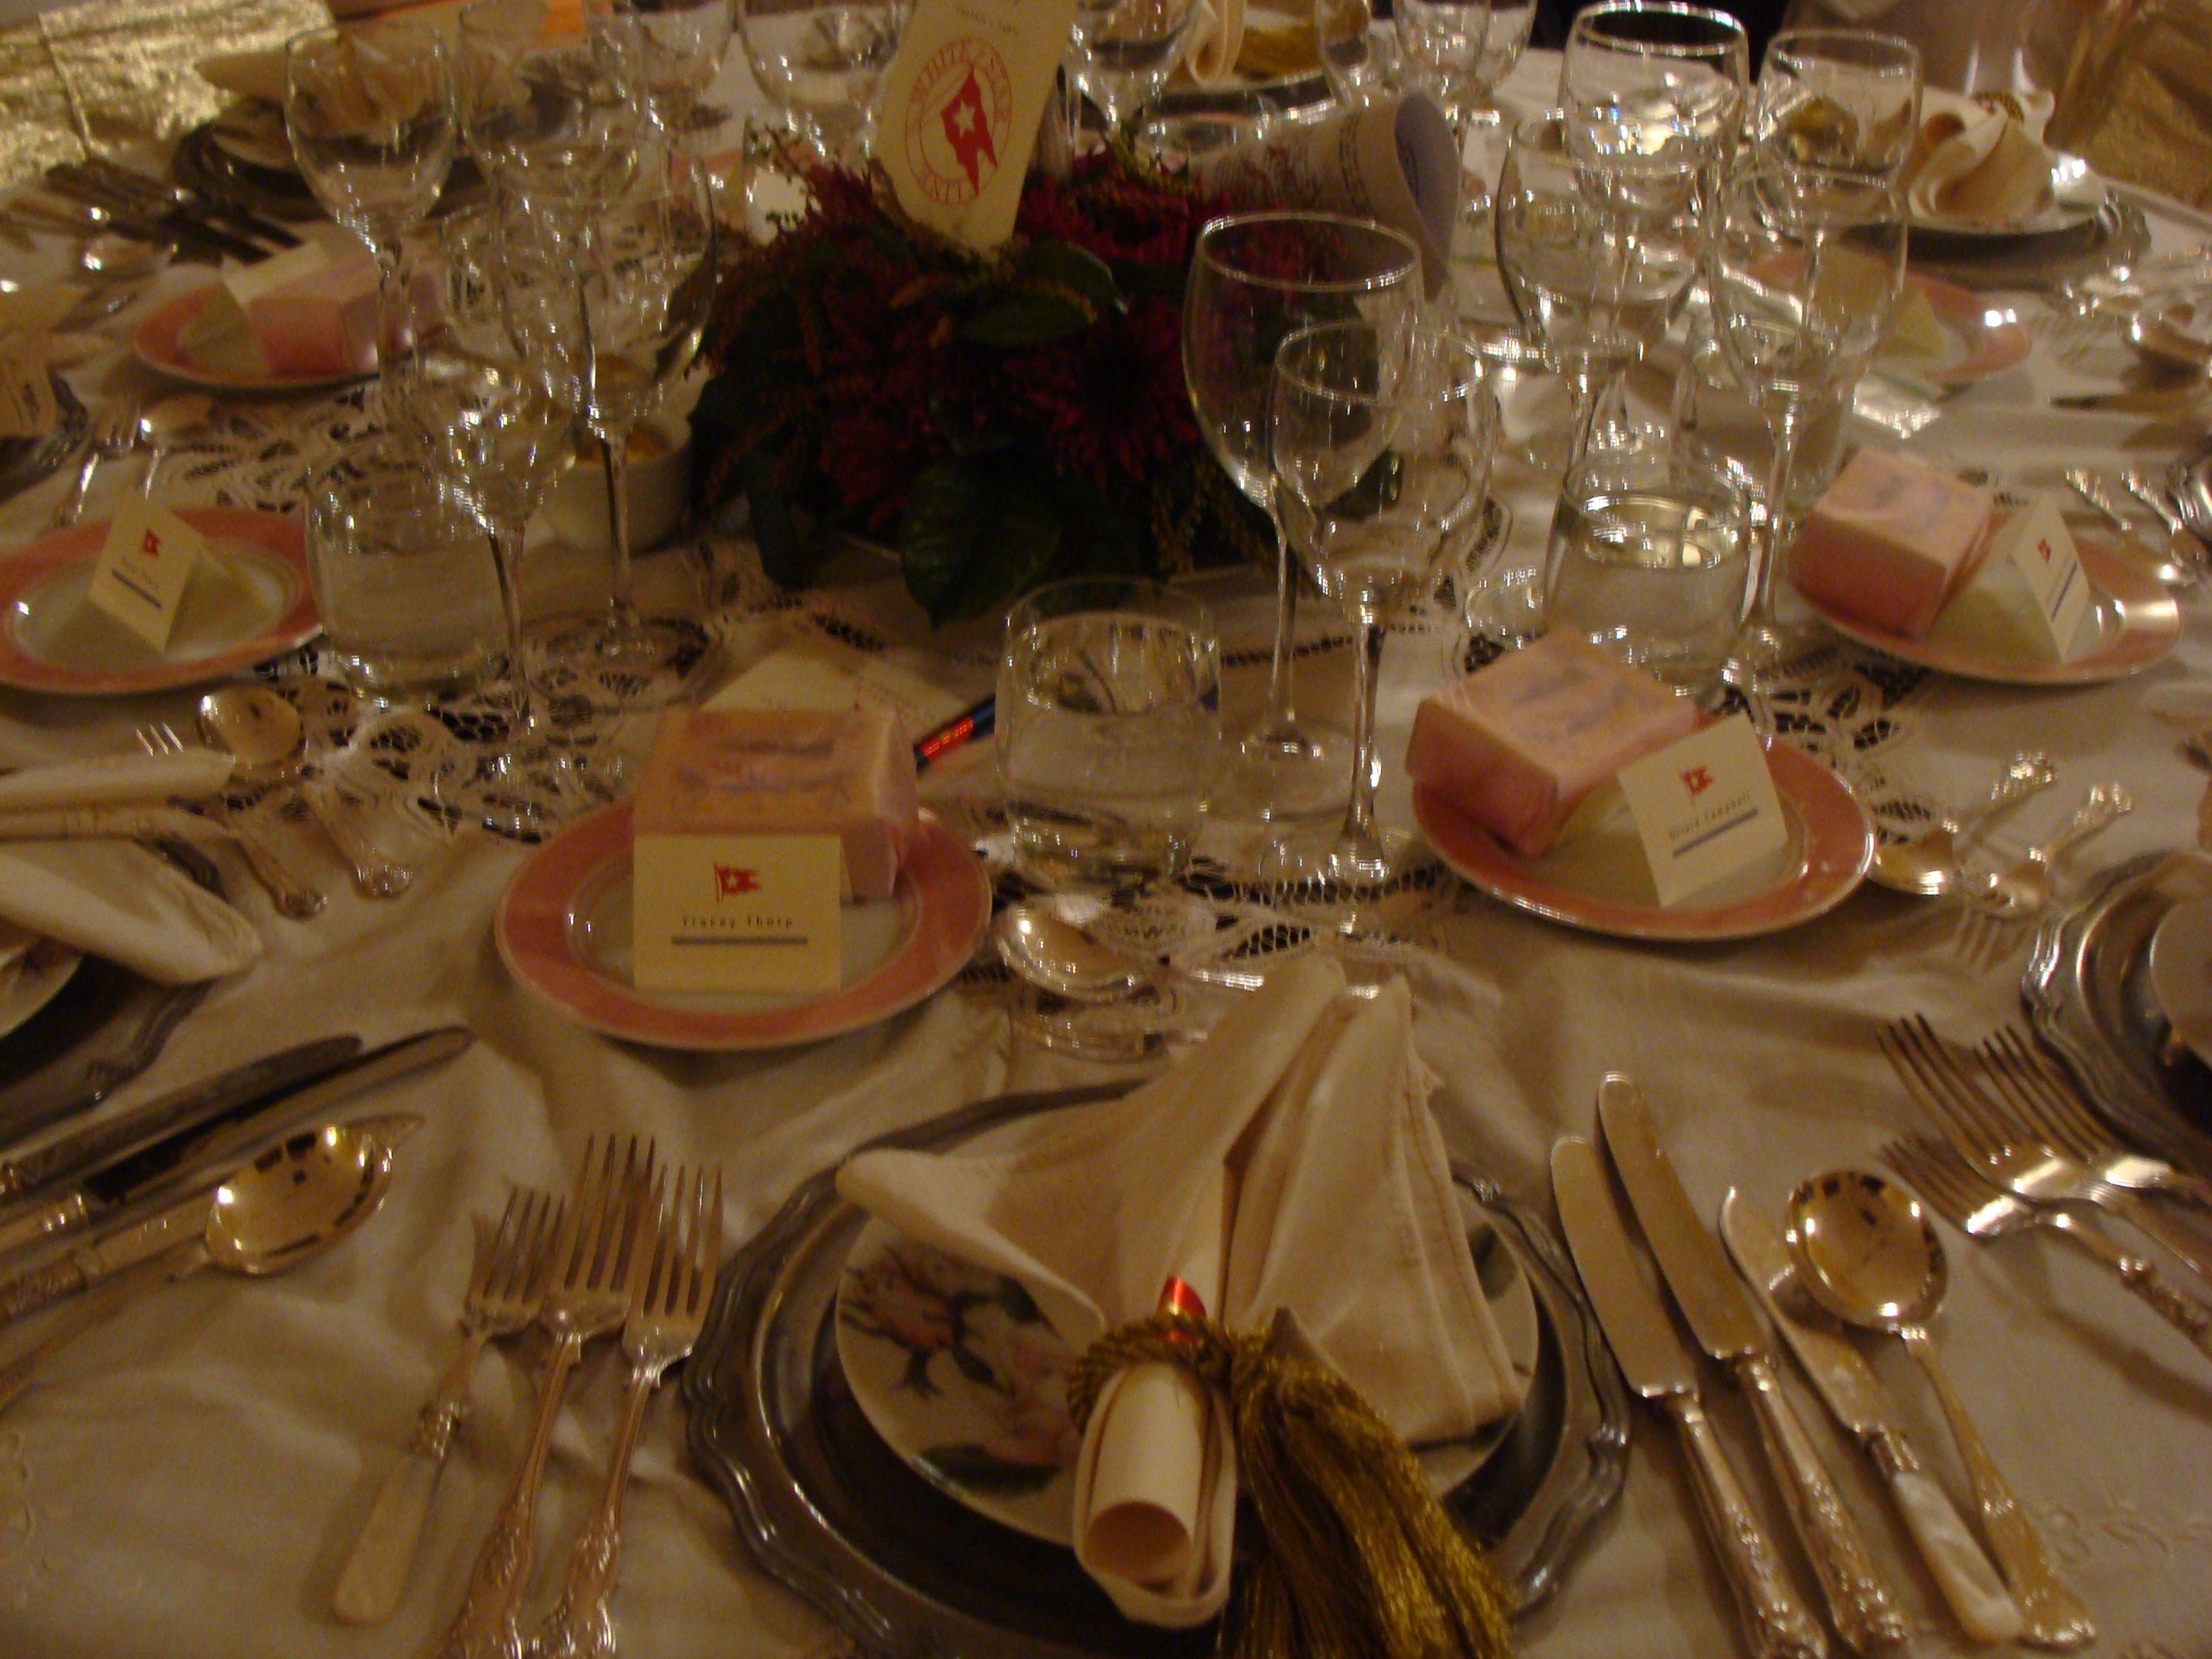 Cotter House Titanic Dinner Table Settings